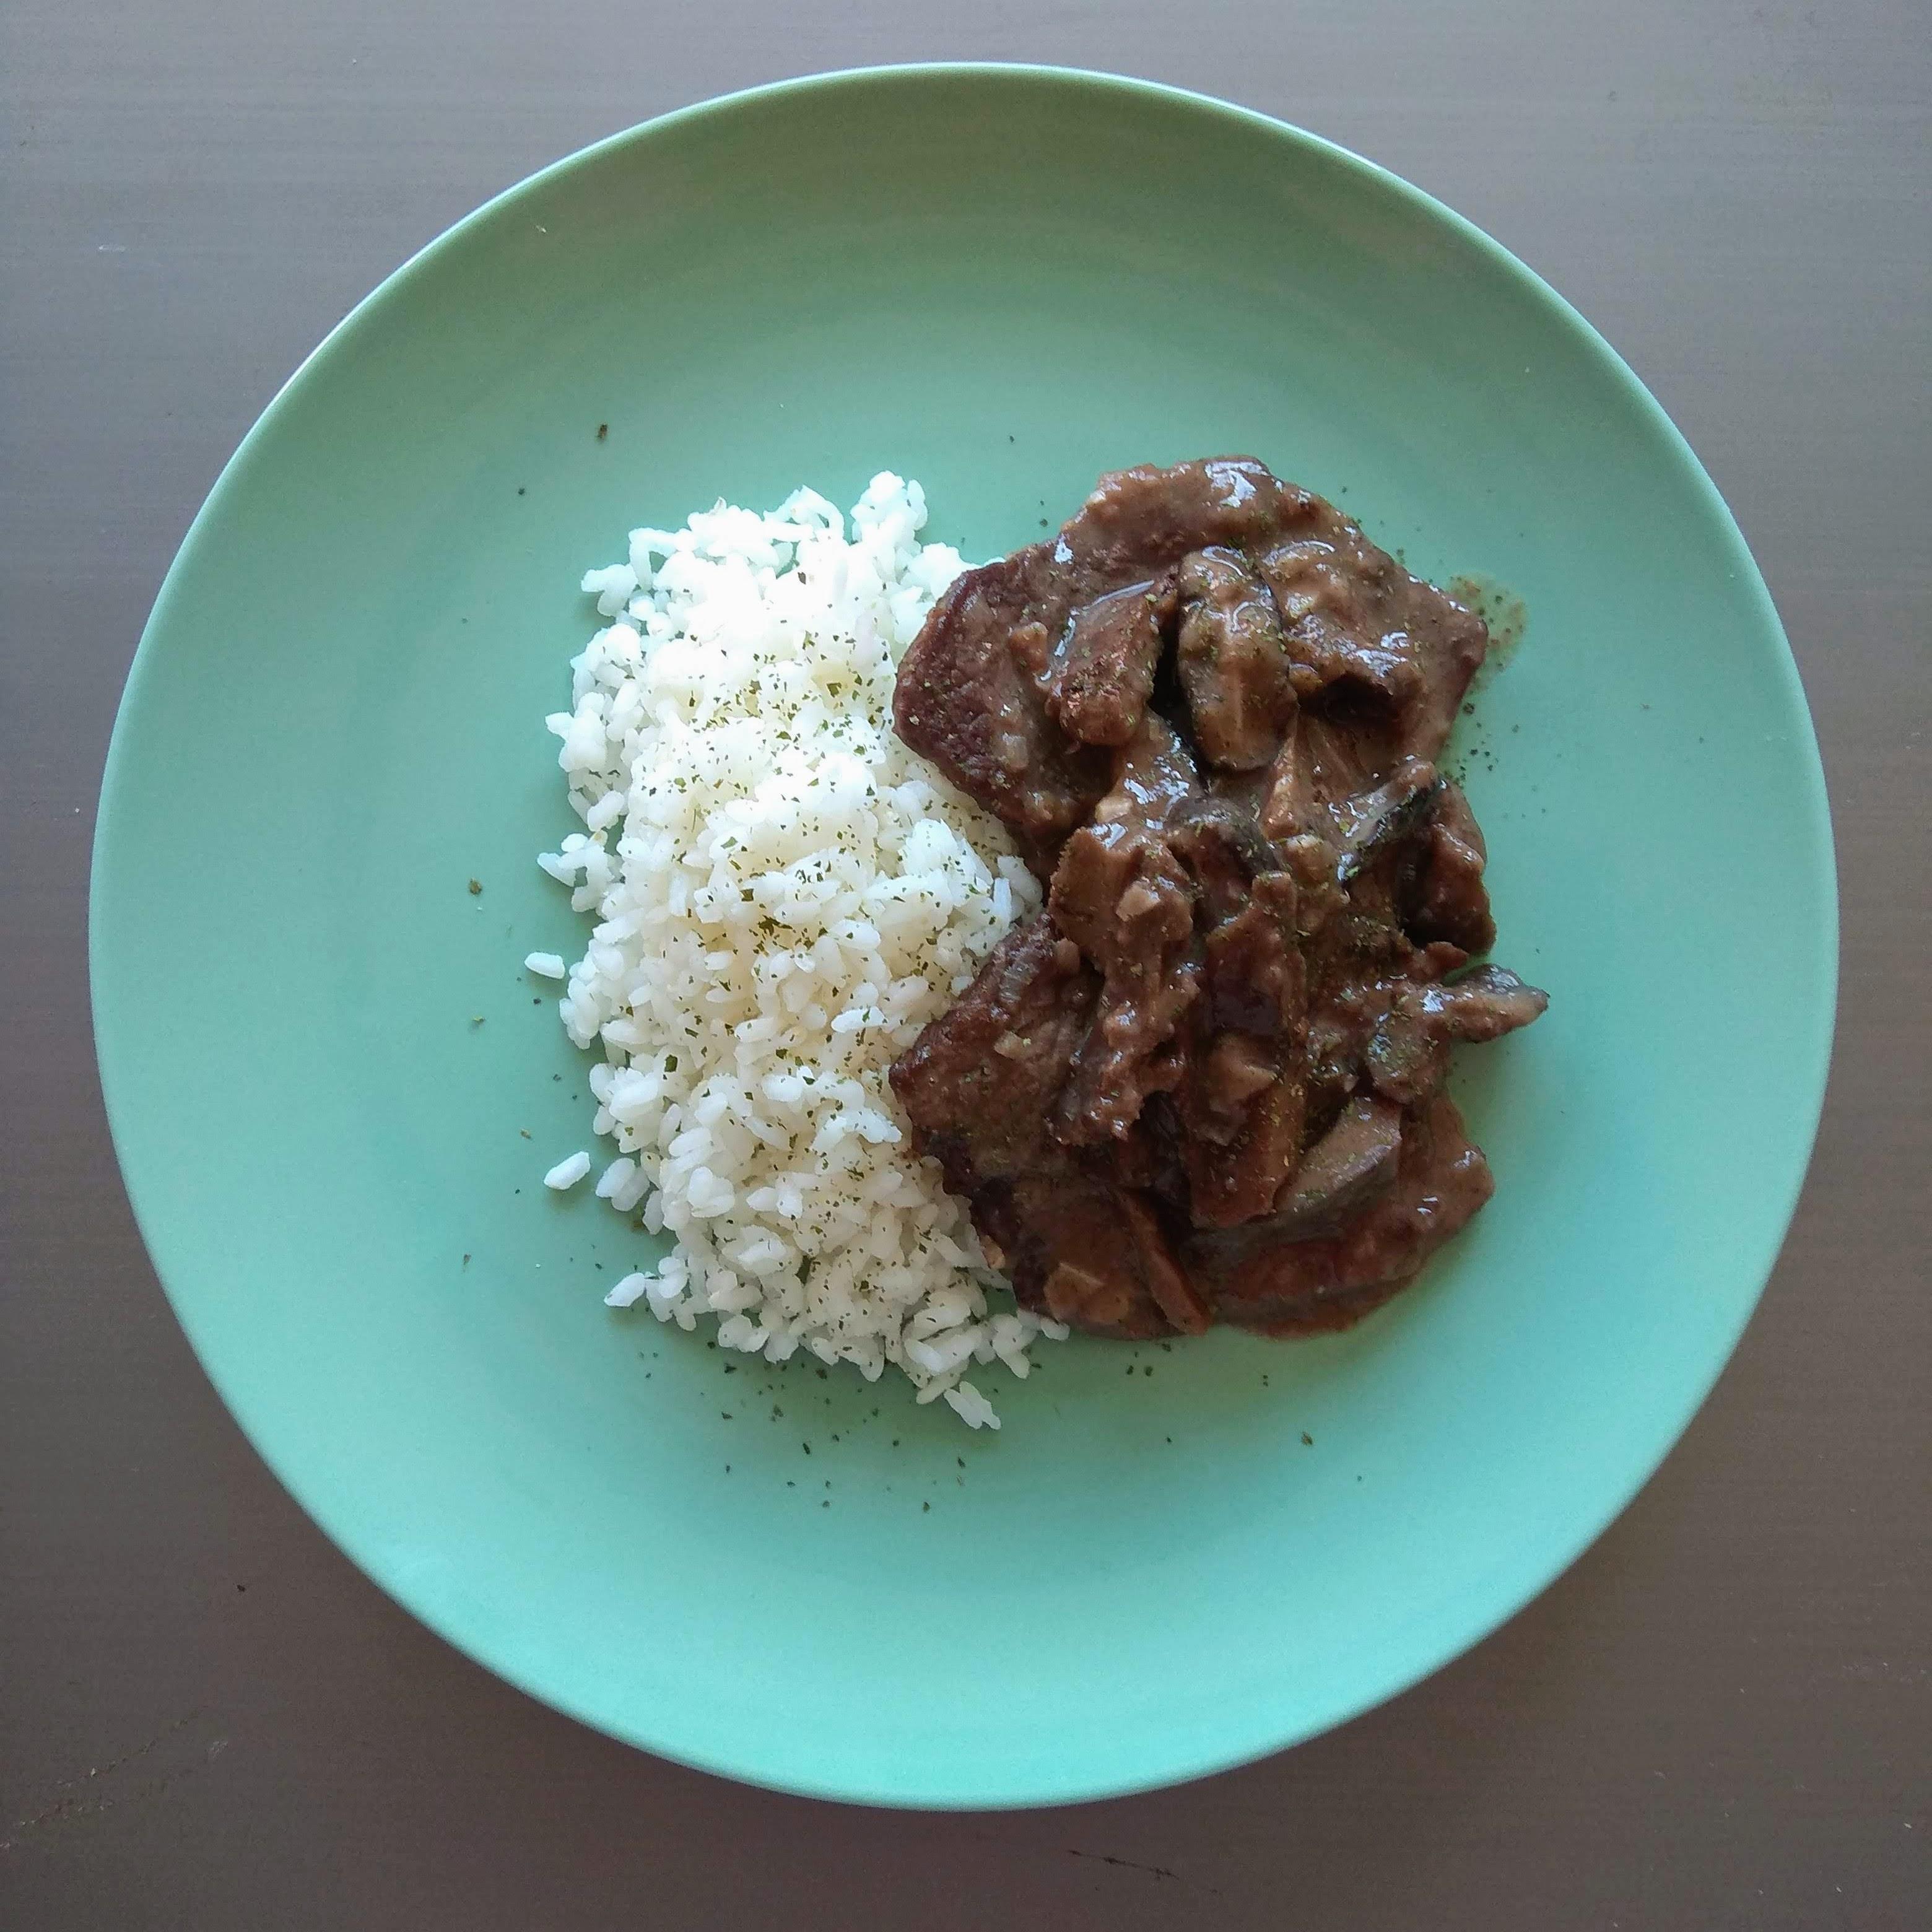 Receta fácil de fricandó de ternera con setas y arroz. Descúbrela en: www.cocinandoconlola.com